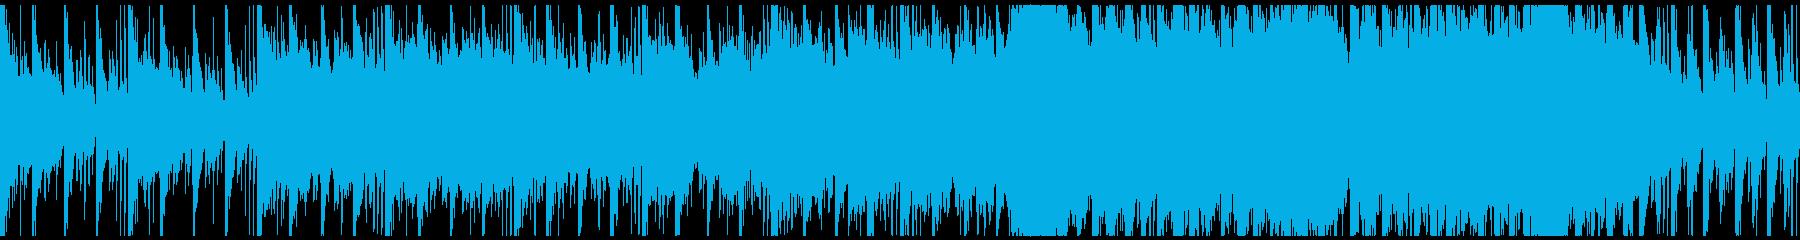 神秘・幻想的/和風/ゲーム系BGM/M5の再生済みの波形